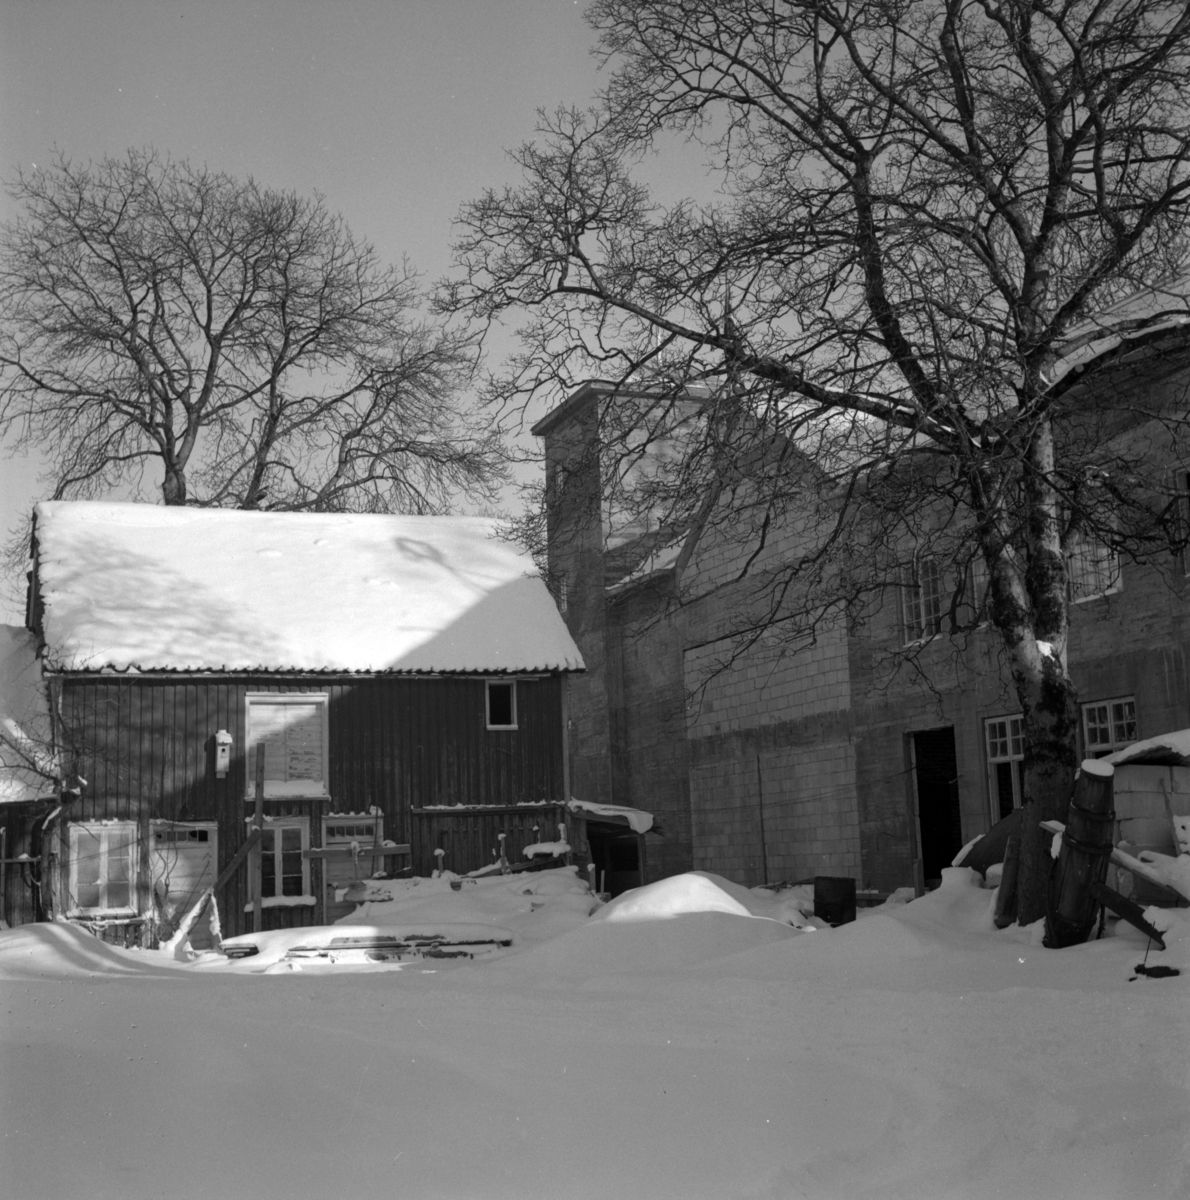 Aust-Agder-Museets første byggetrinn på Langsæ. Rest av uthuset der byggetrinn 2 skal oppføres. Midlertidig gjennmuring. Tunområdet med tuntre og anker.  Vinter.